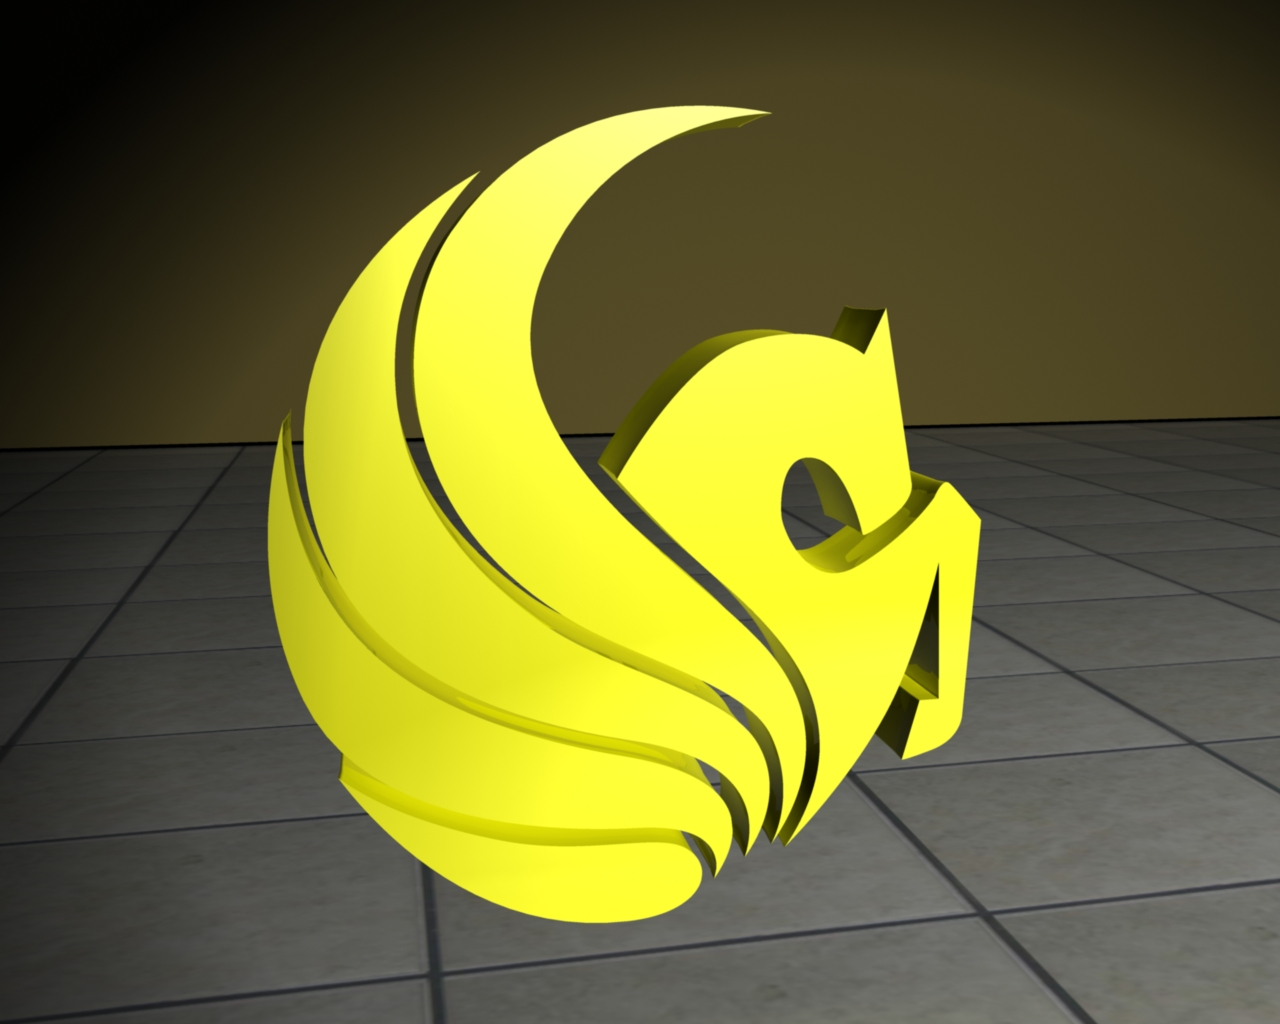 Ucf Pegasus Here s some of my 3d logo sUcf Pegasus Logo